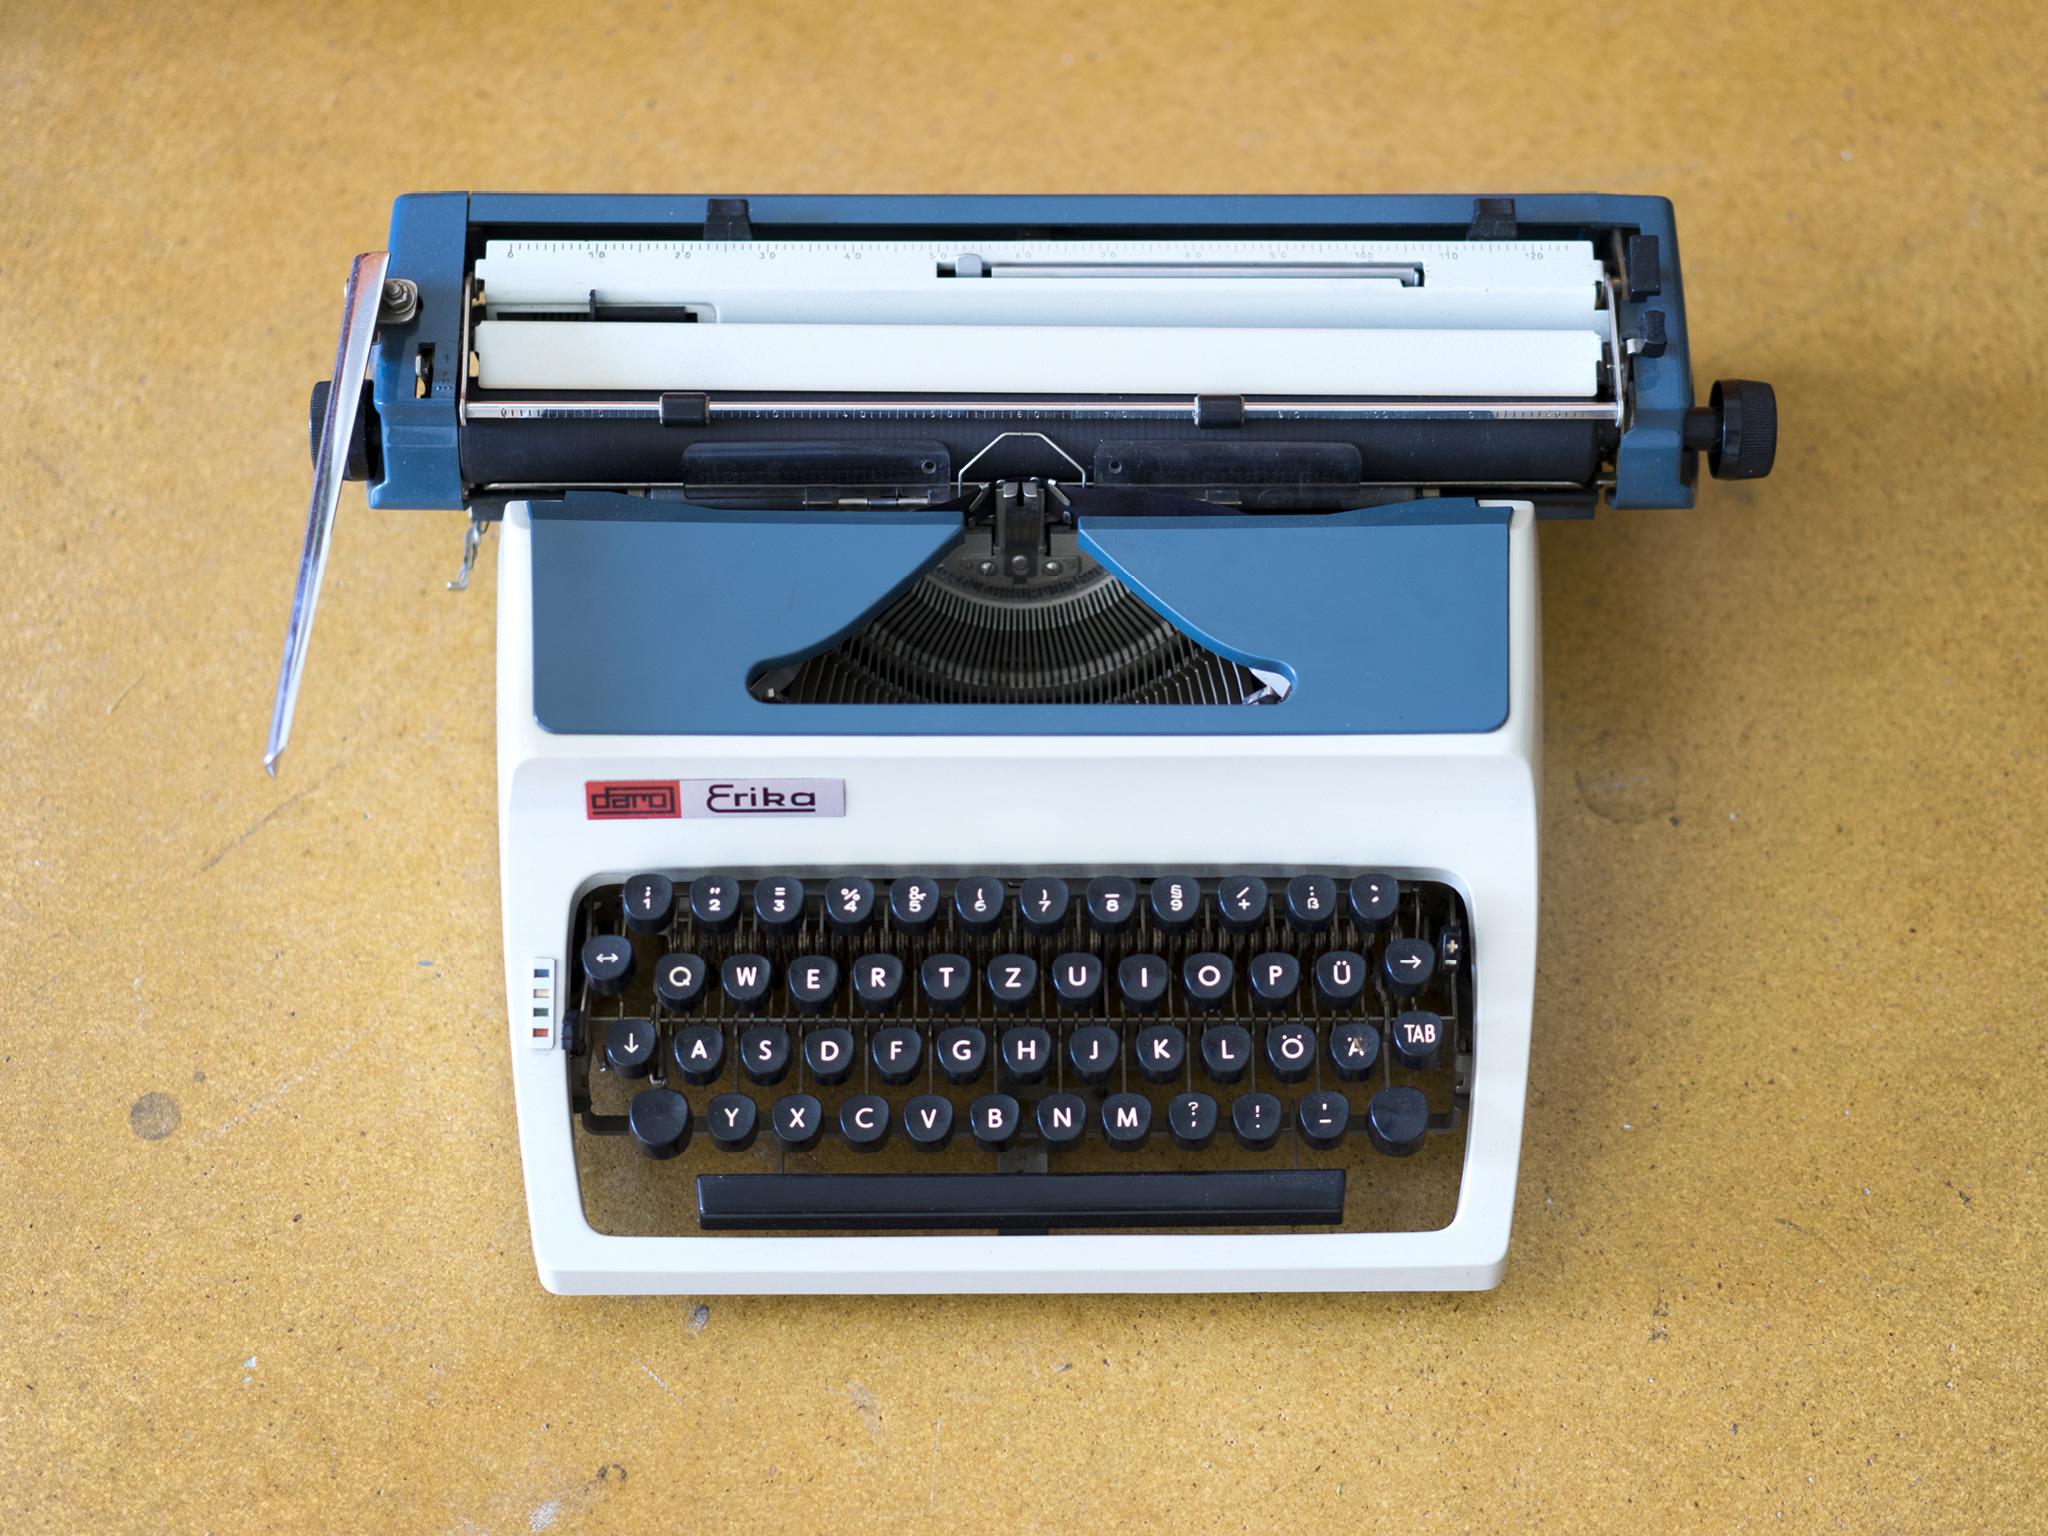 Erika Typewriter